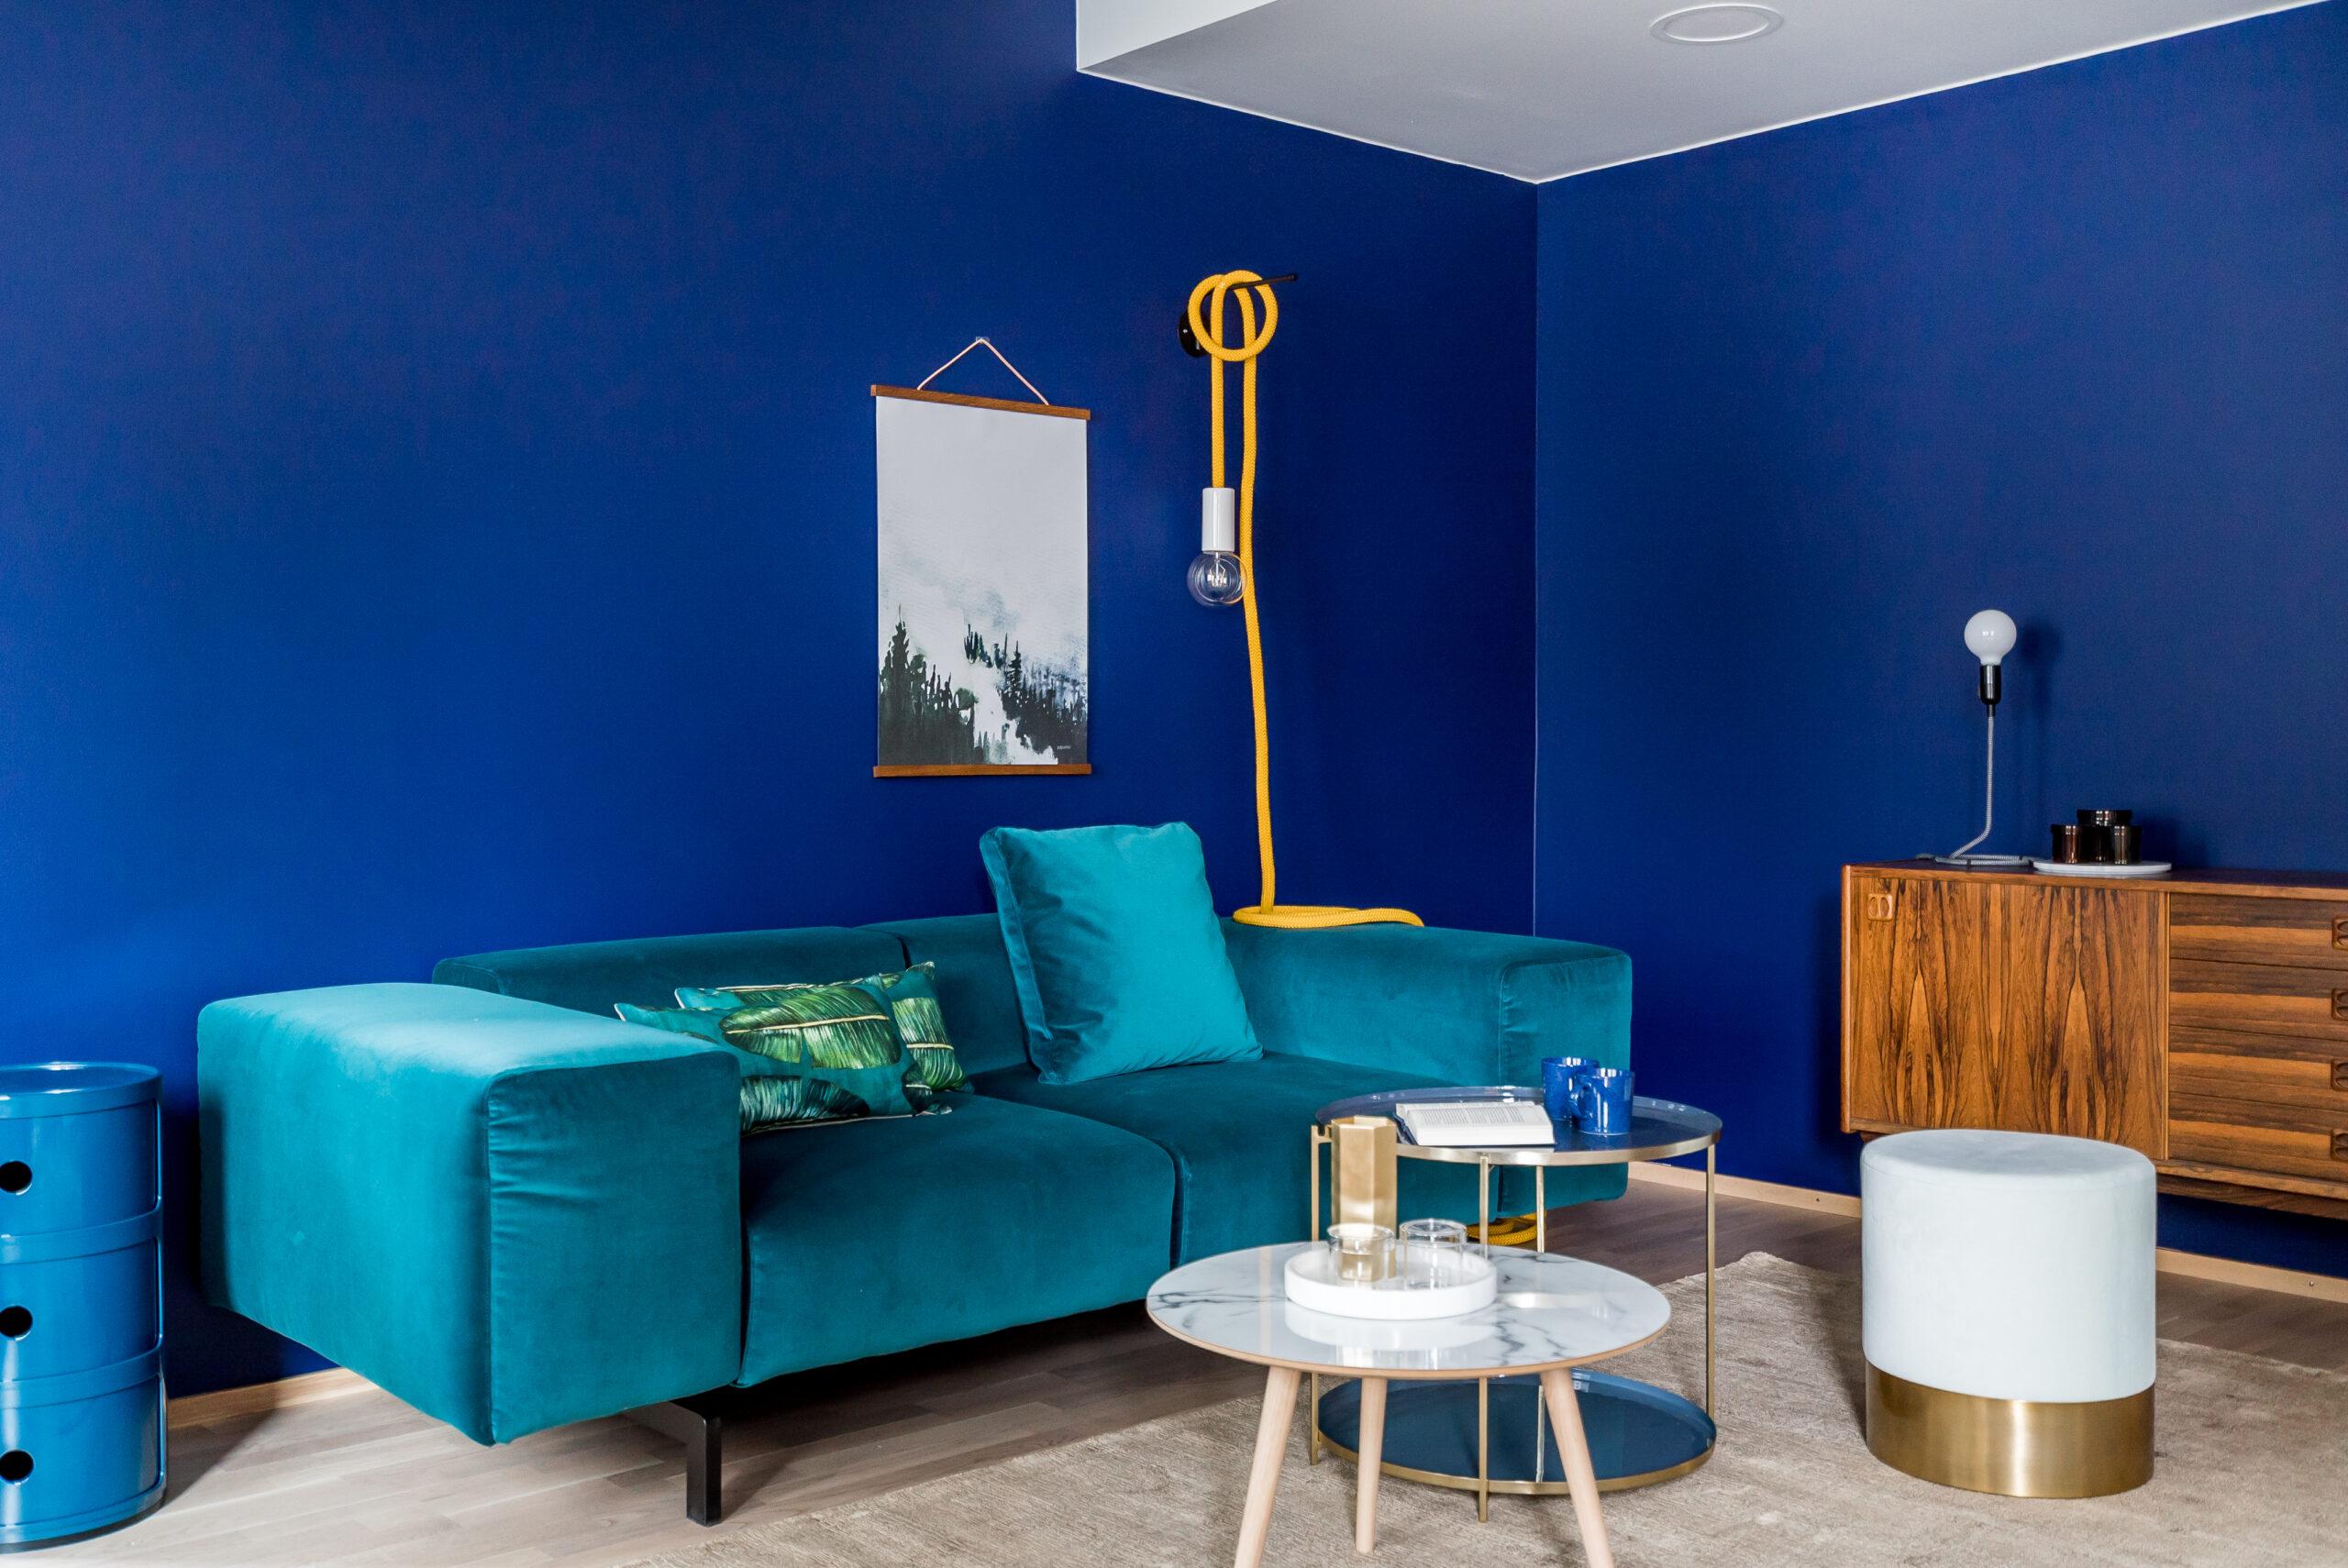 Seinän sininen sävy, Tikkurila M350 Mustekynä toimii upeana taustana sisustuksessa käytetyille kalusteille sekä pienesineille.